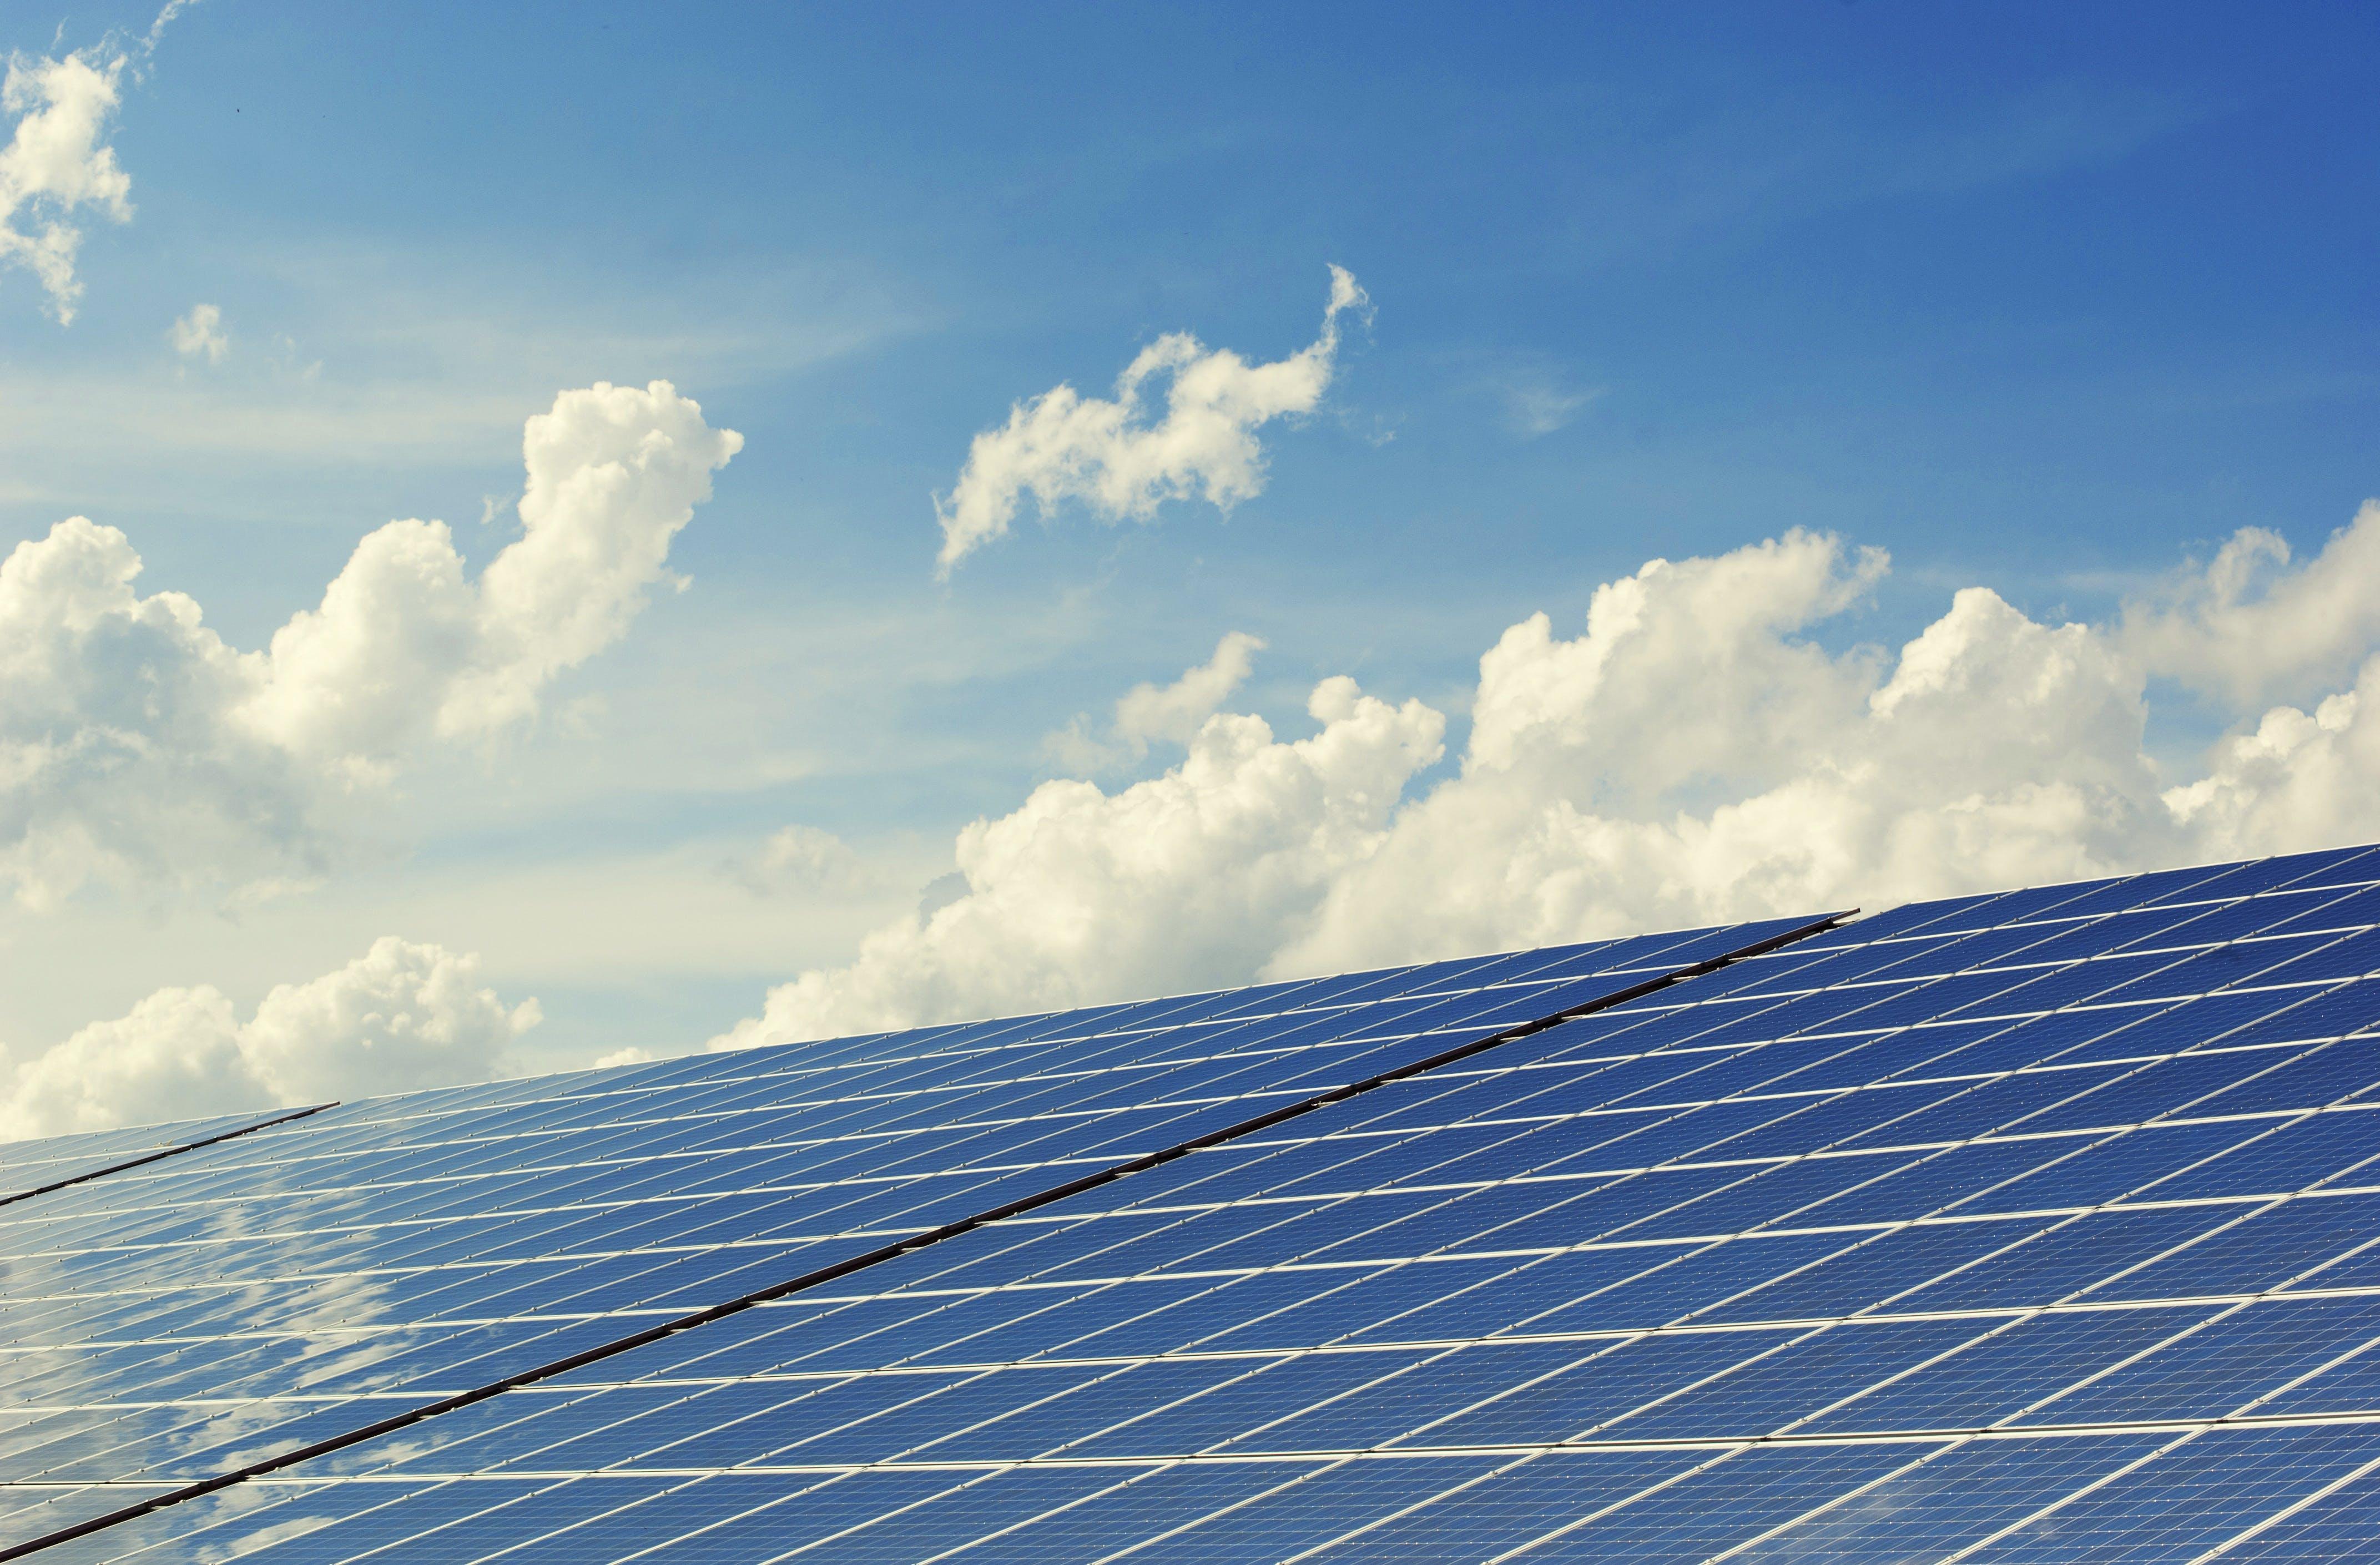 光, 天空, 太陽能電池板, 建造 的 免费素材照片